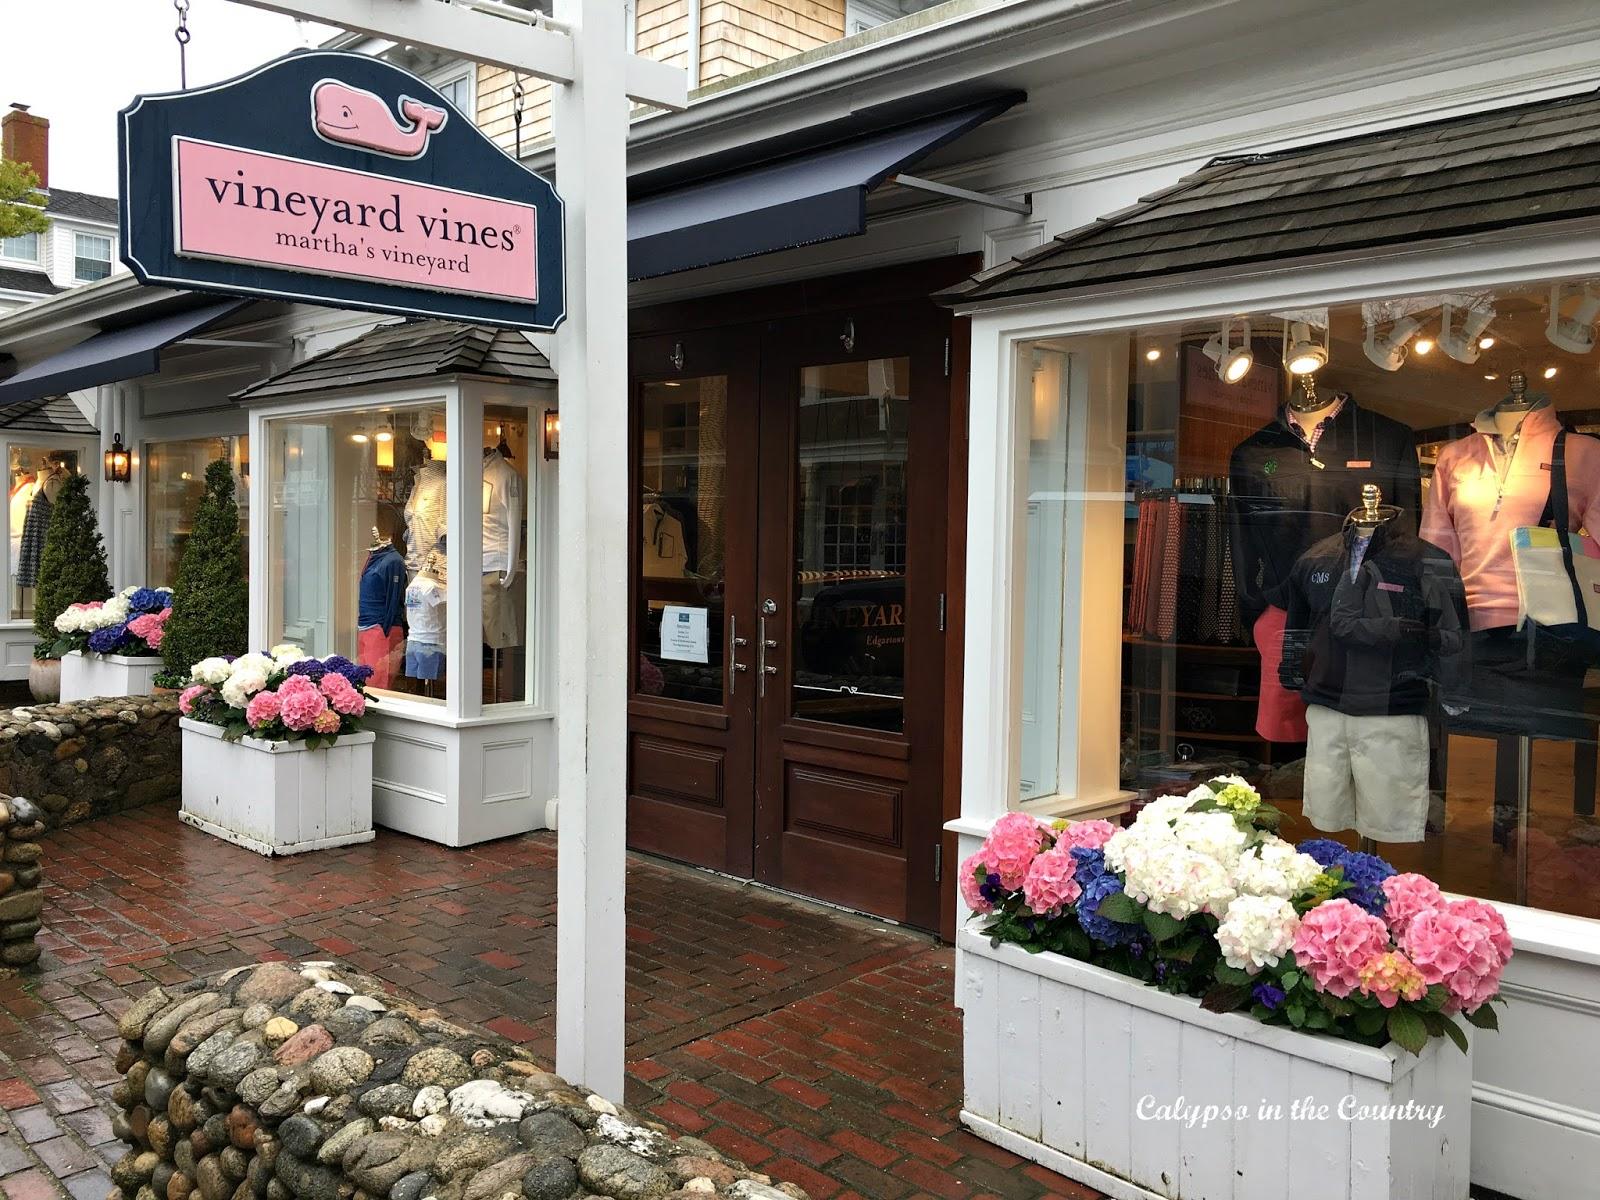 Vineyard Vines store in Edgartown